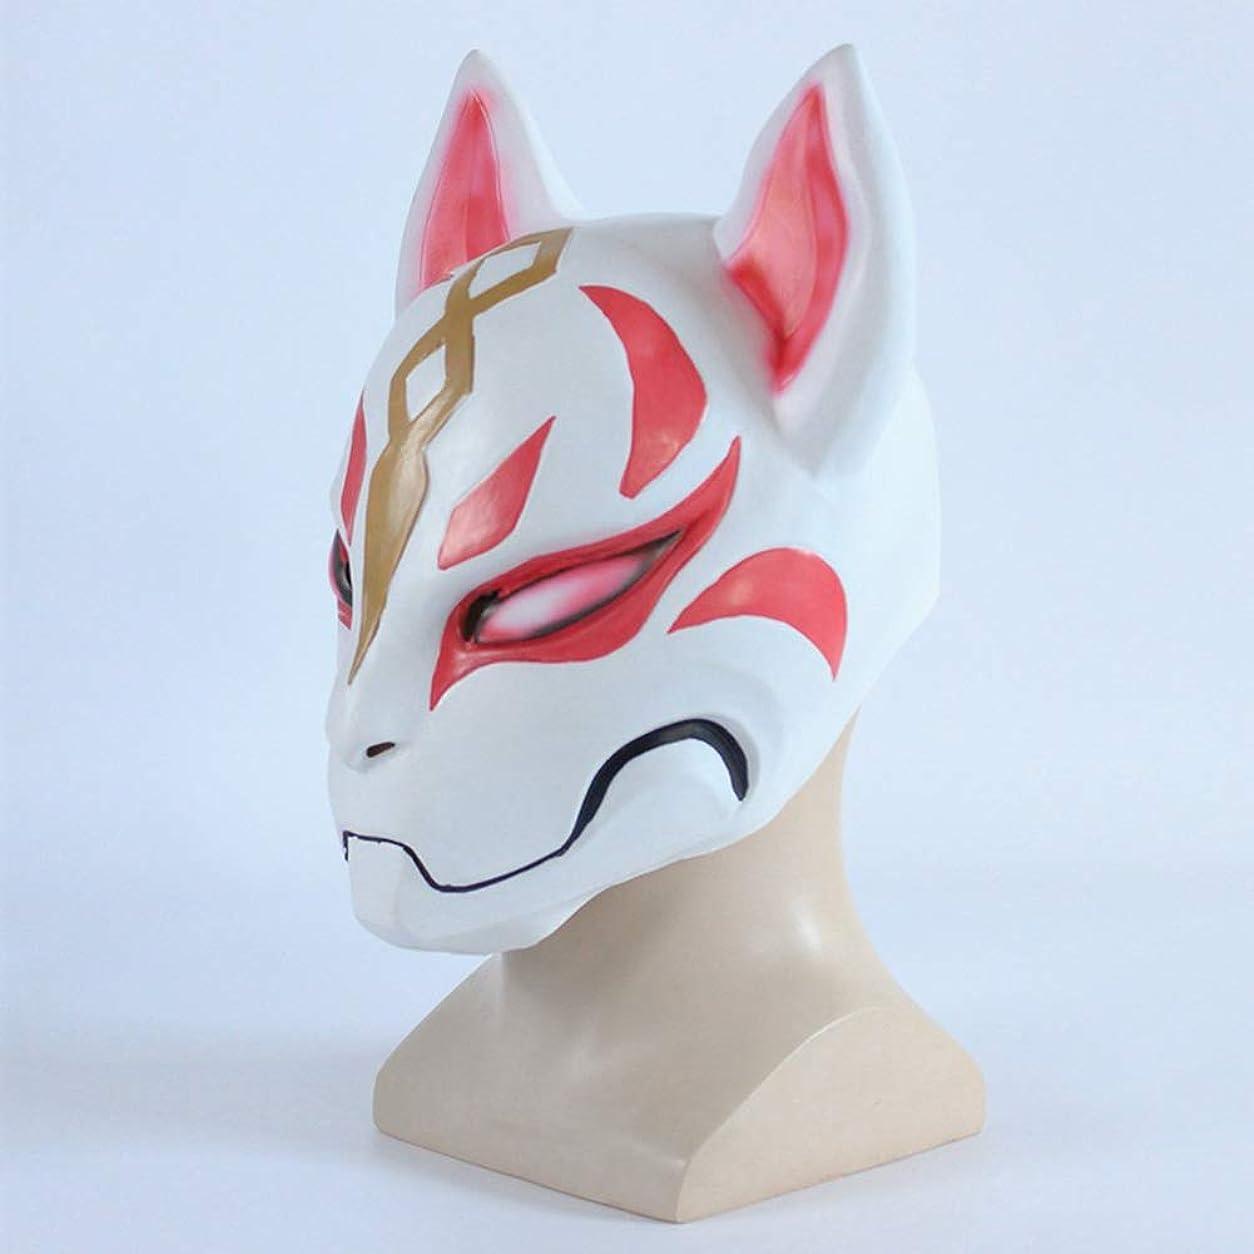 若さランダム突撃ハロウィーンホラーマスク、偽フォックスヘッドマスク、創造的な面白い Vizard マスク、パーティー仮装ラテックスマスク